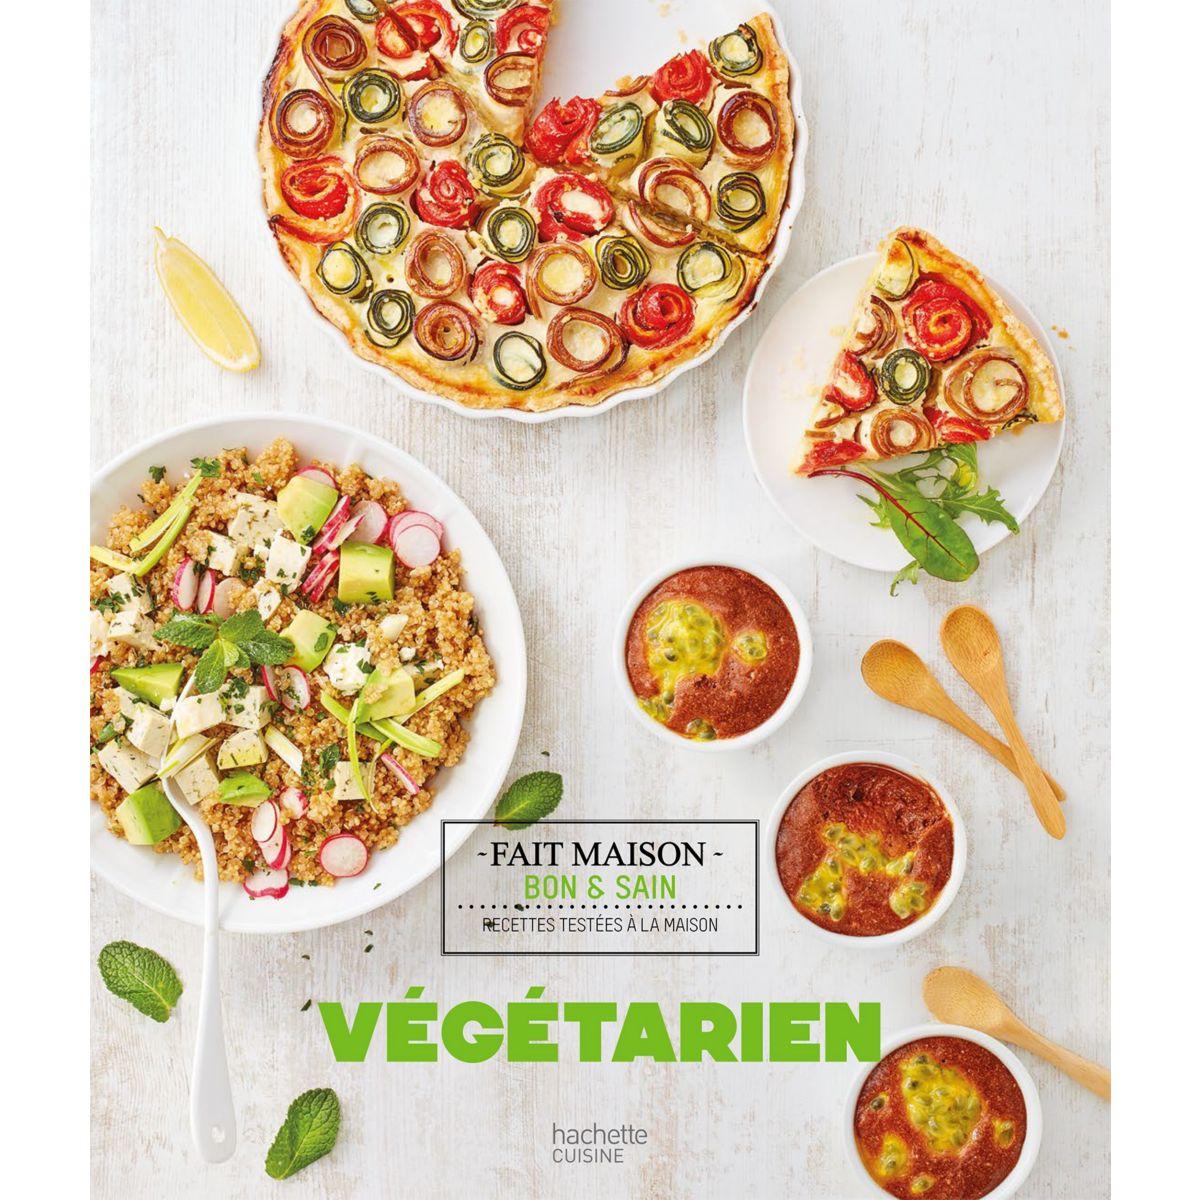 Livre hachette vegetarien - la sélection webdistrib.com (photo)